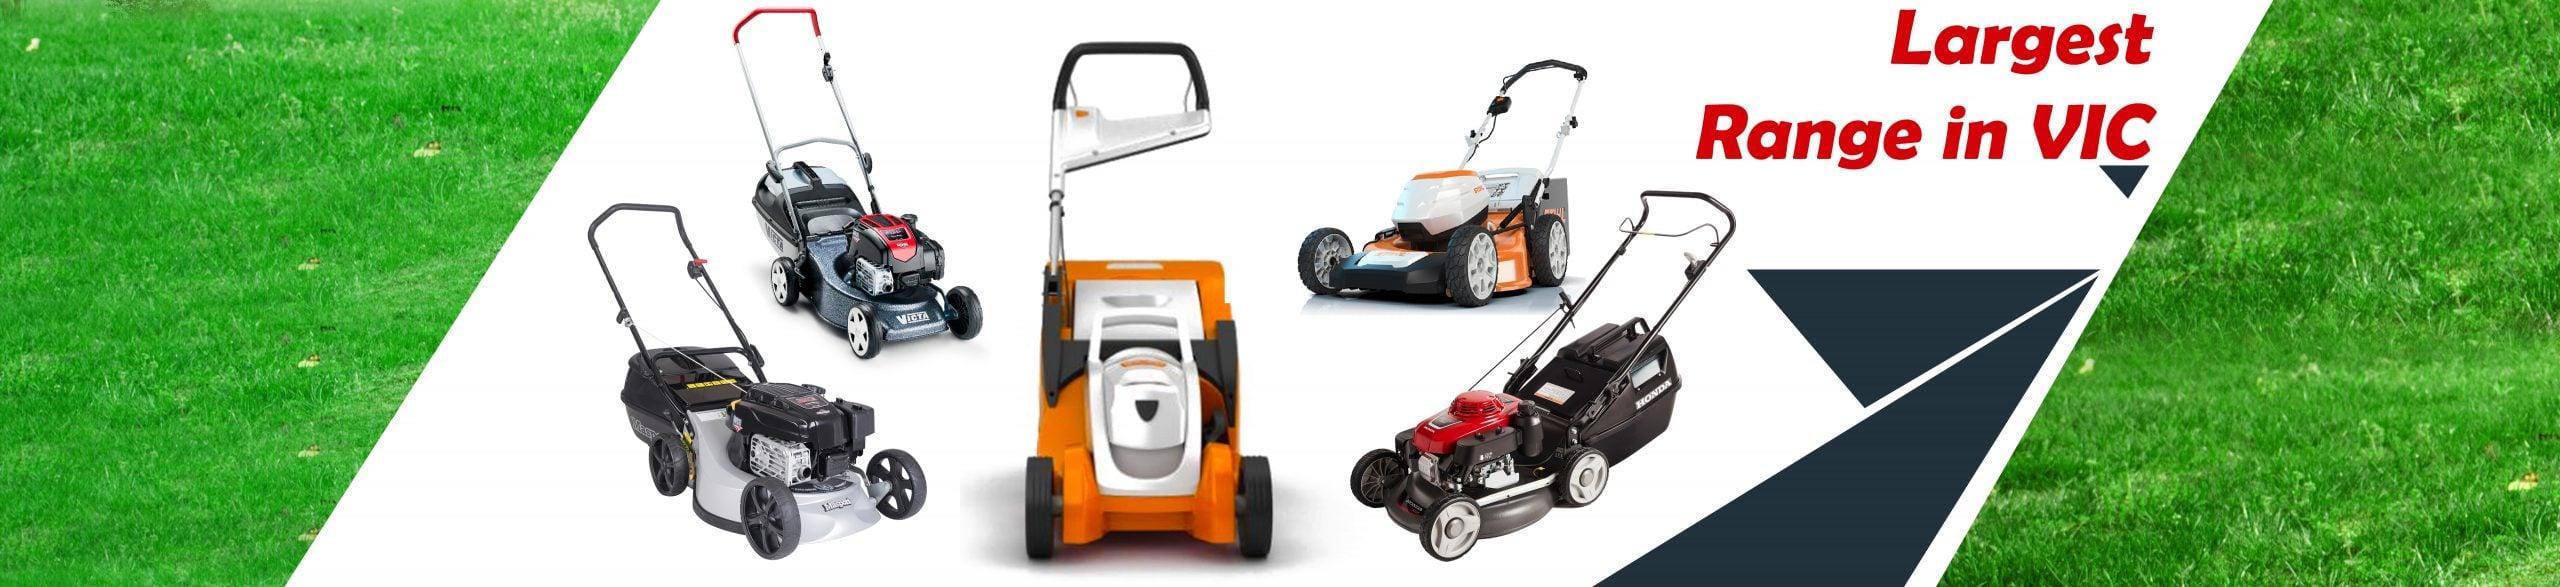 Slider Lawn Mower 2021 1